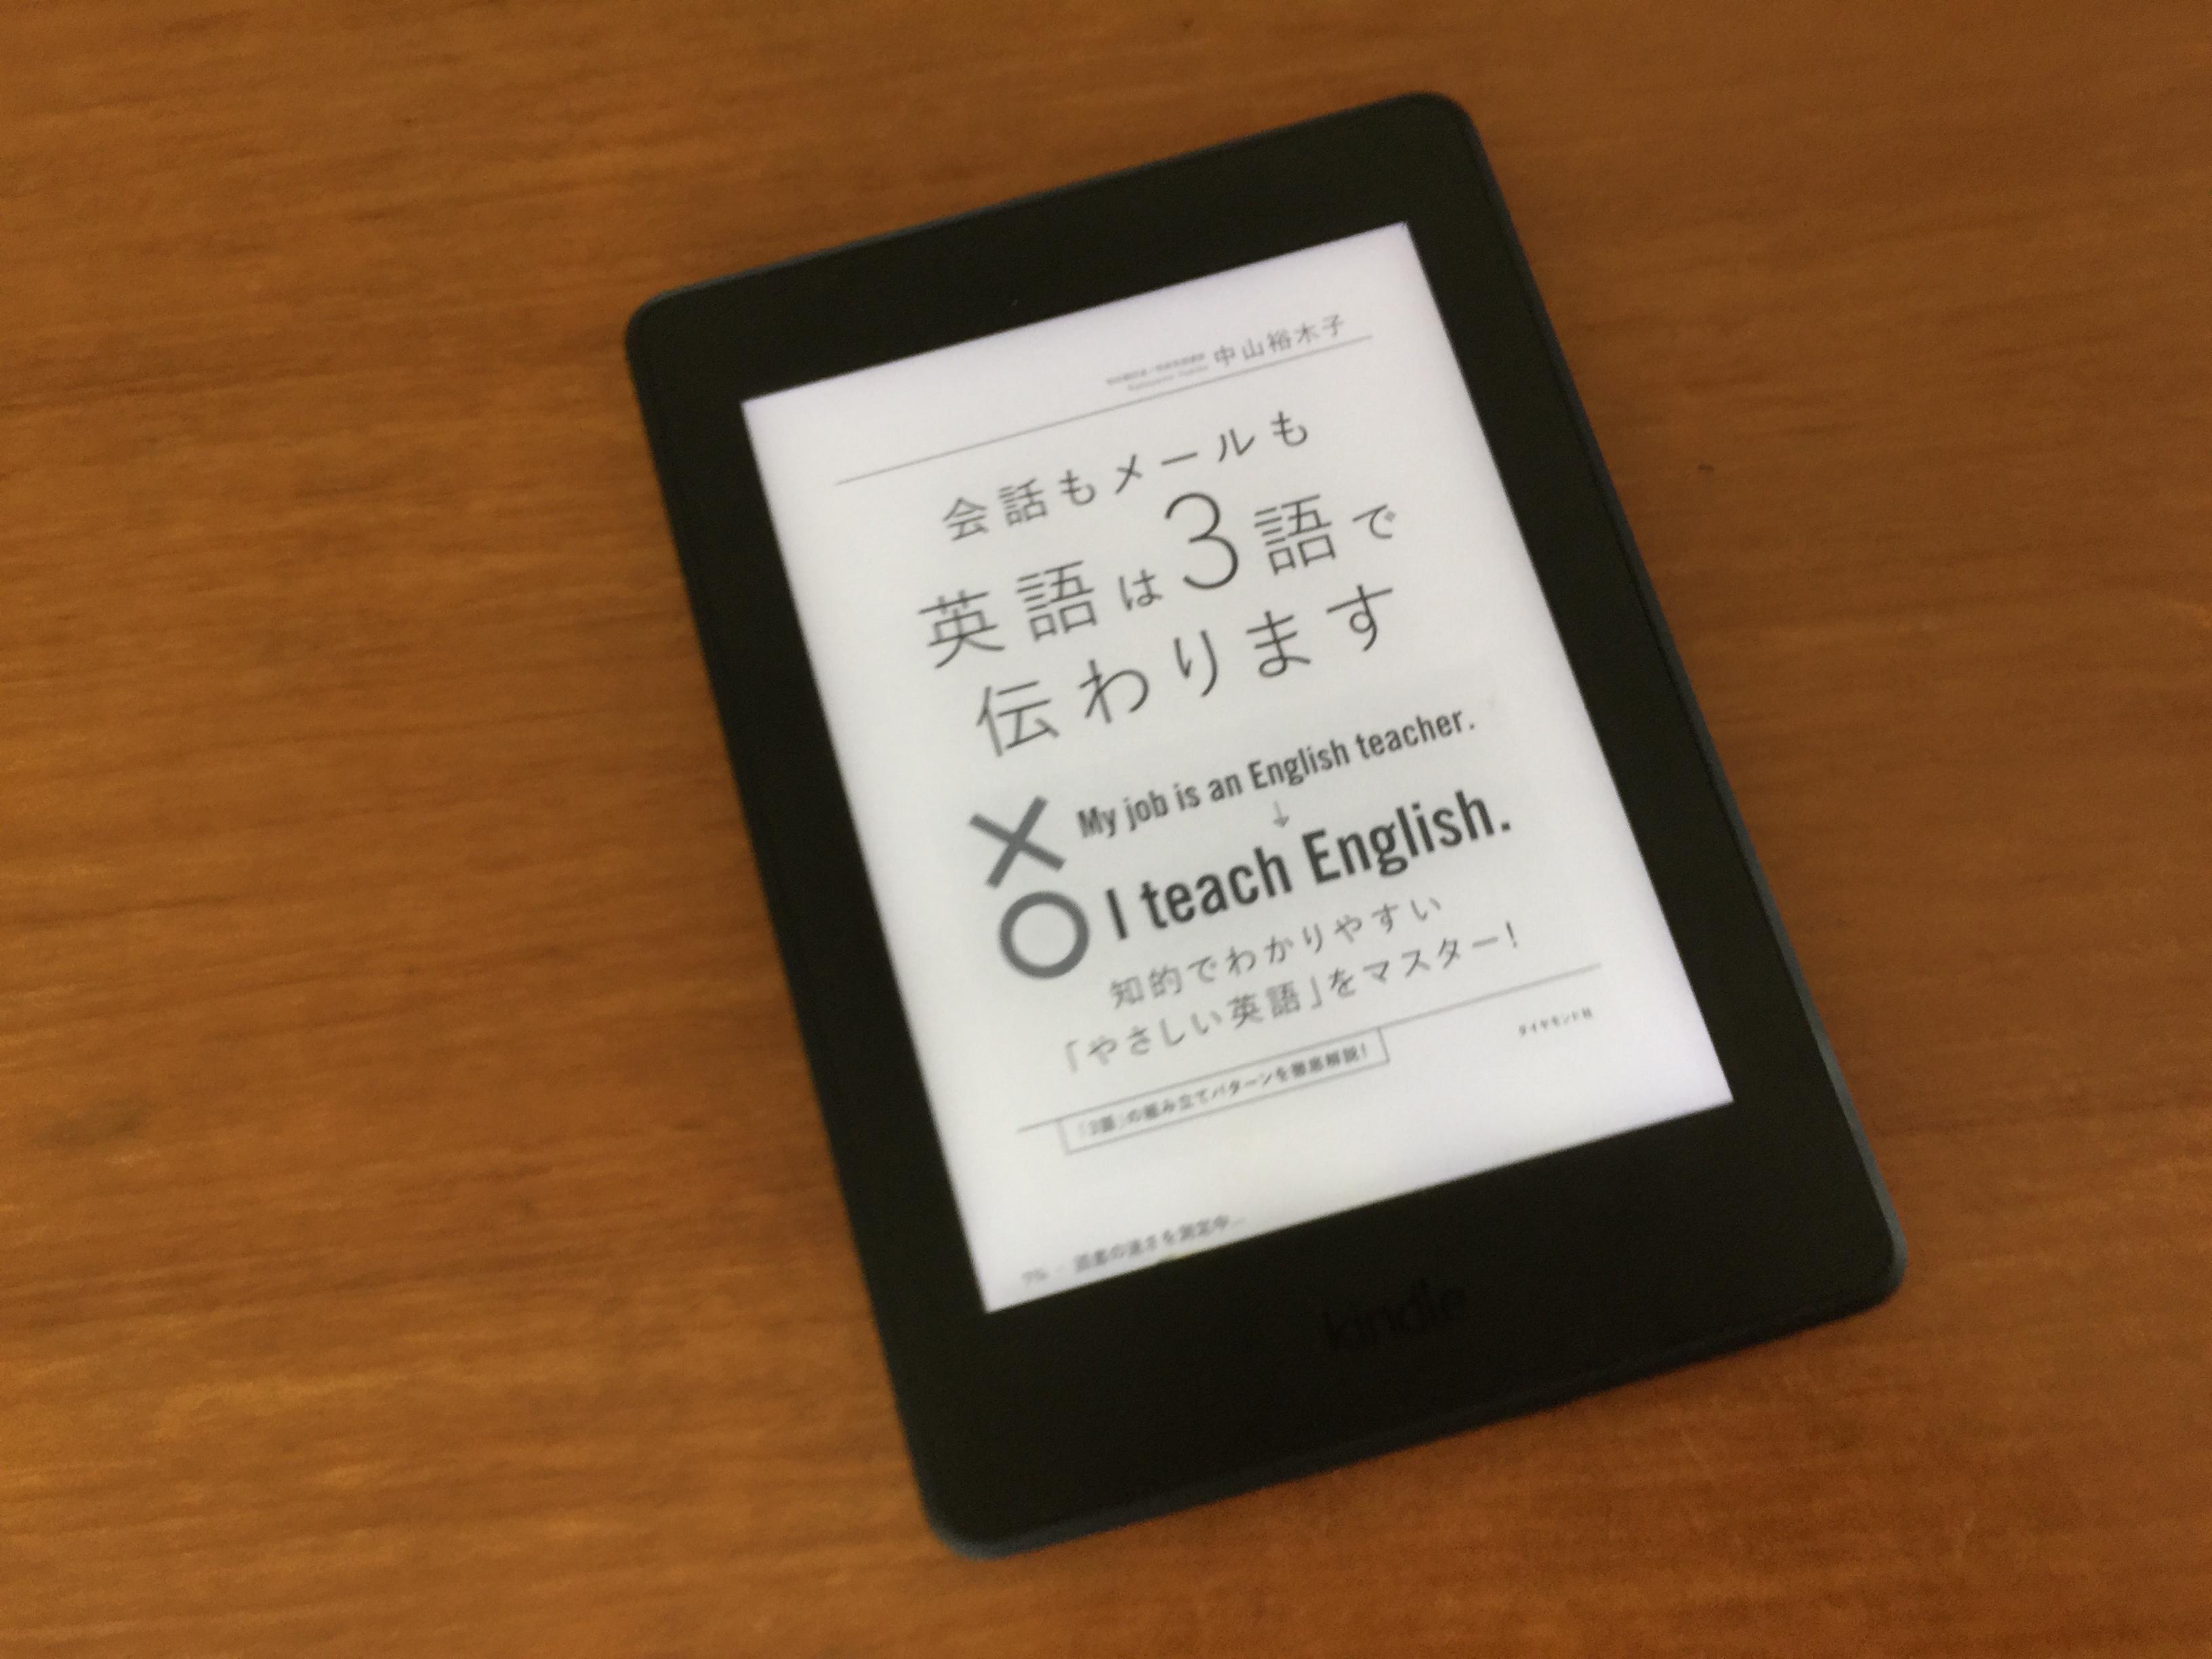 英語を頑張る社会人にオススメの本、「会話もメールも 英語は3語で伝わります」の紹介